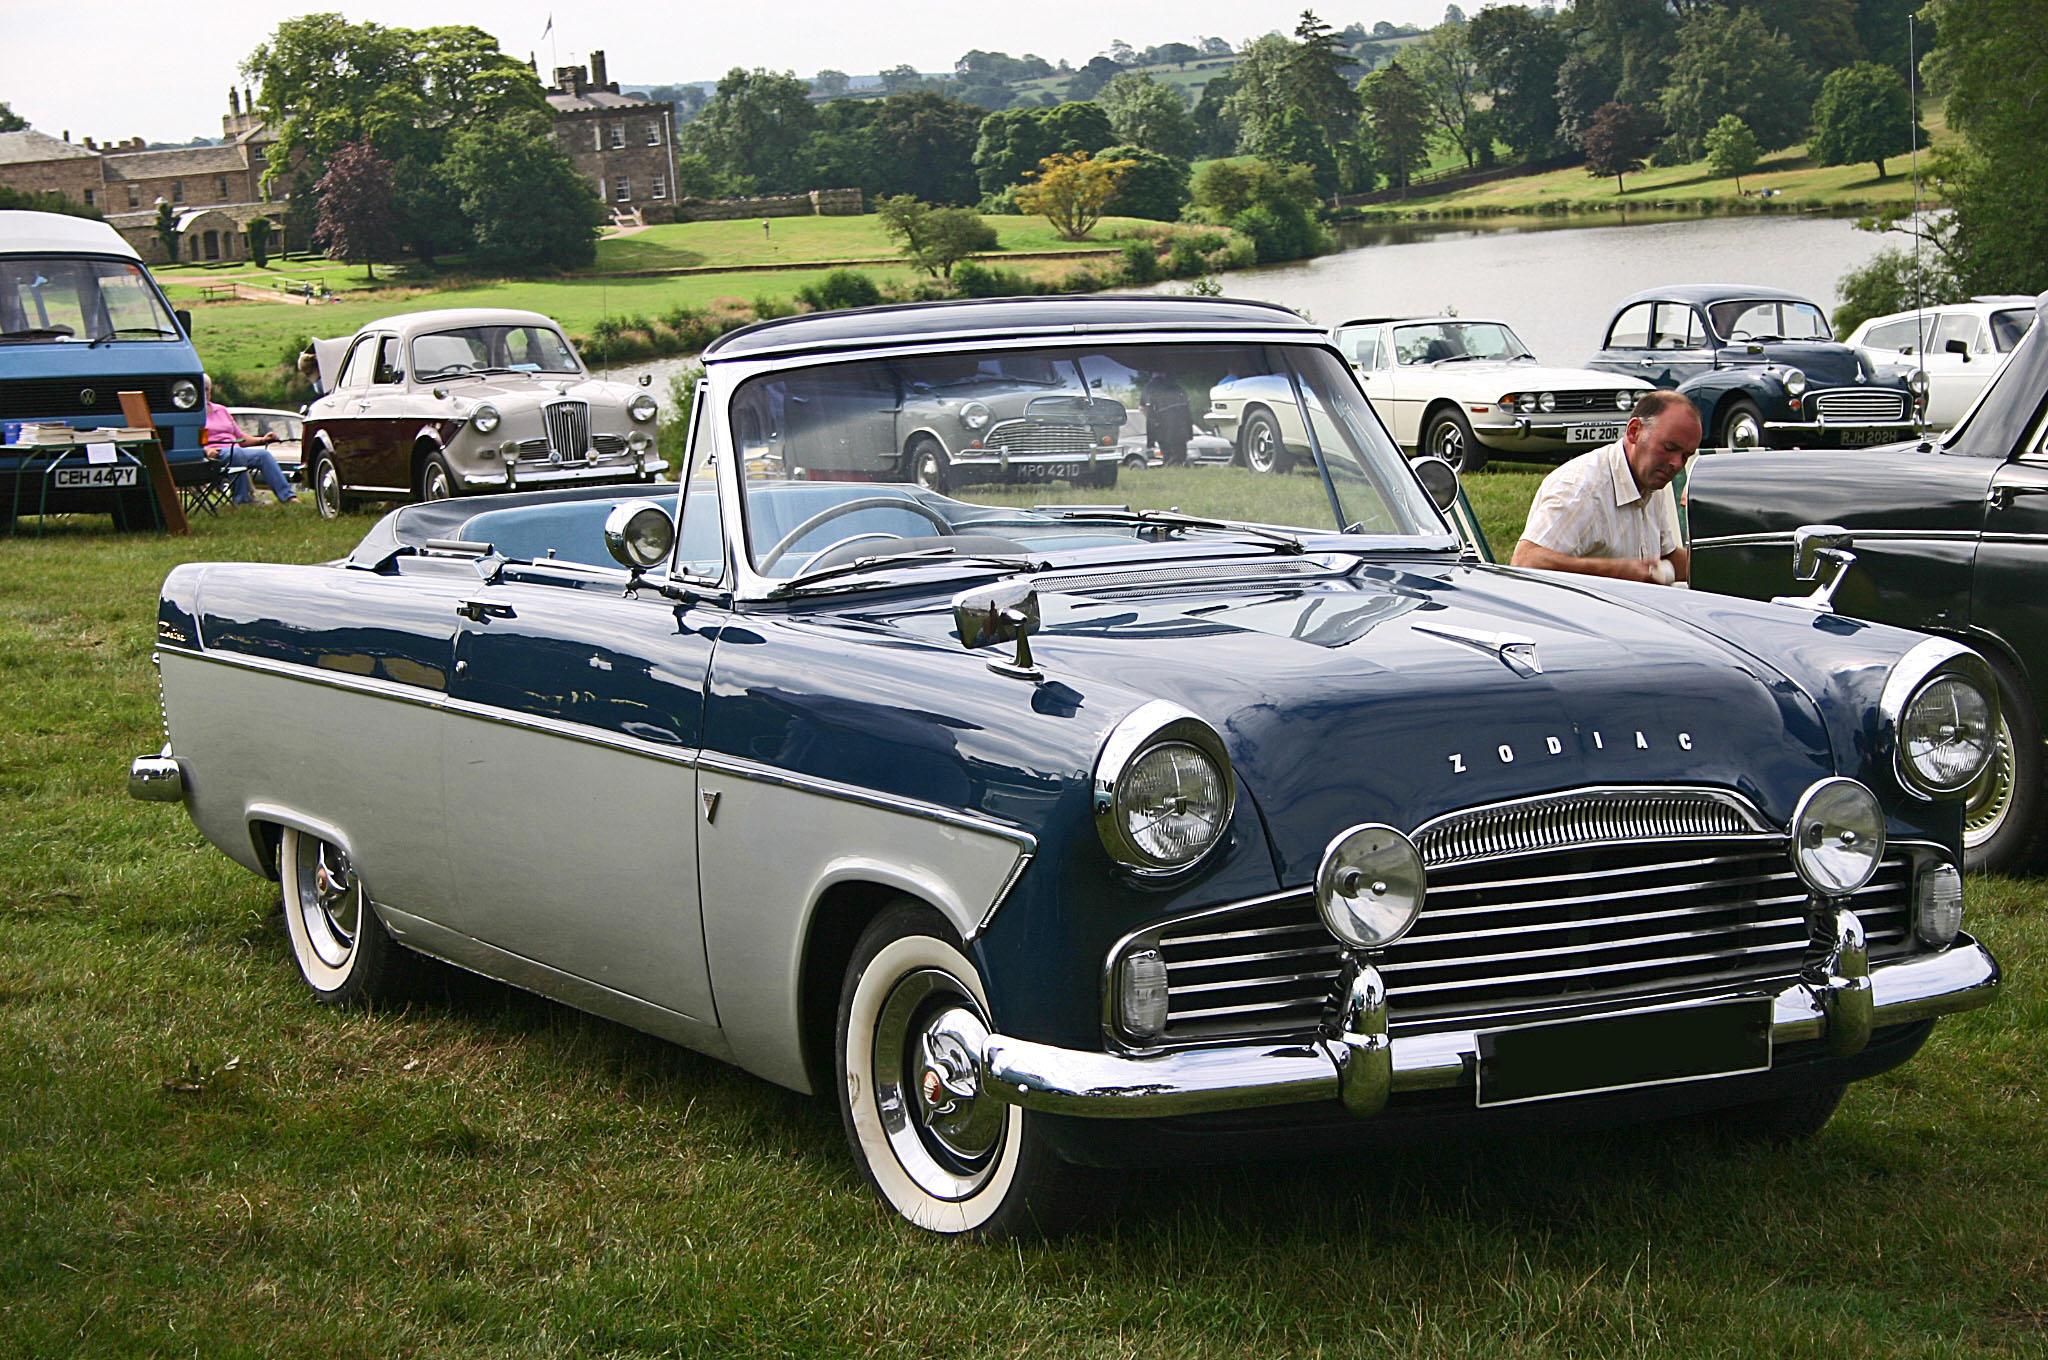 FileFord Zodiac 206E Convertible 1960 front.jpg & File:Ford Zodiac 206E Convertible 1960 front.jpg - Wikimedia Commons markmcfarlin.com